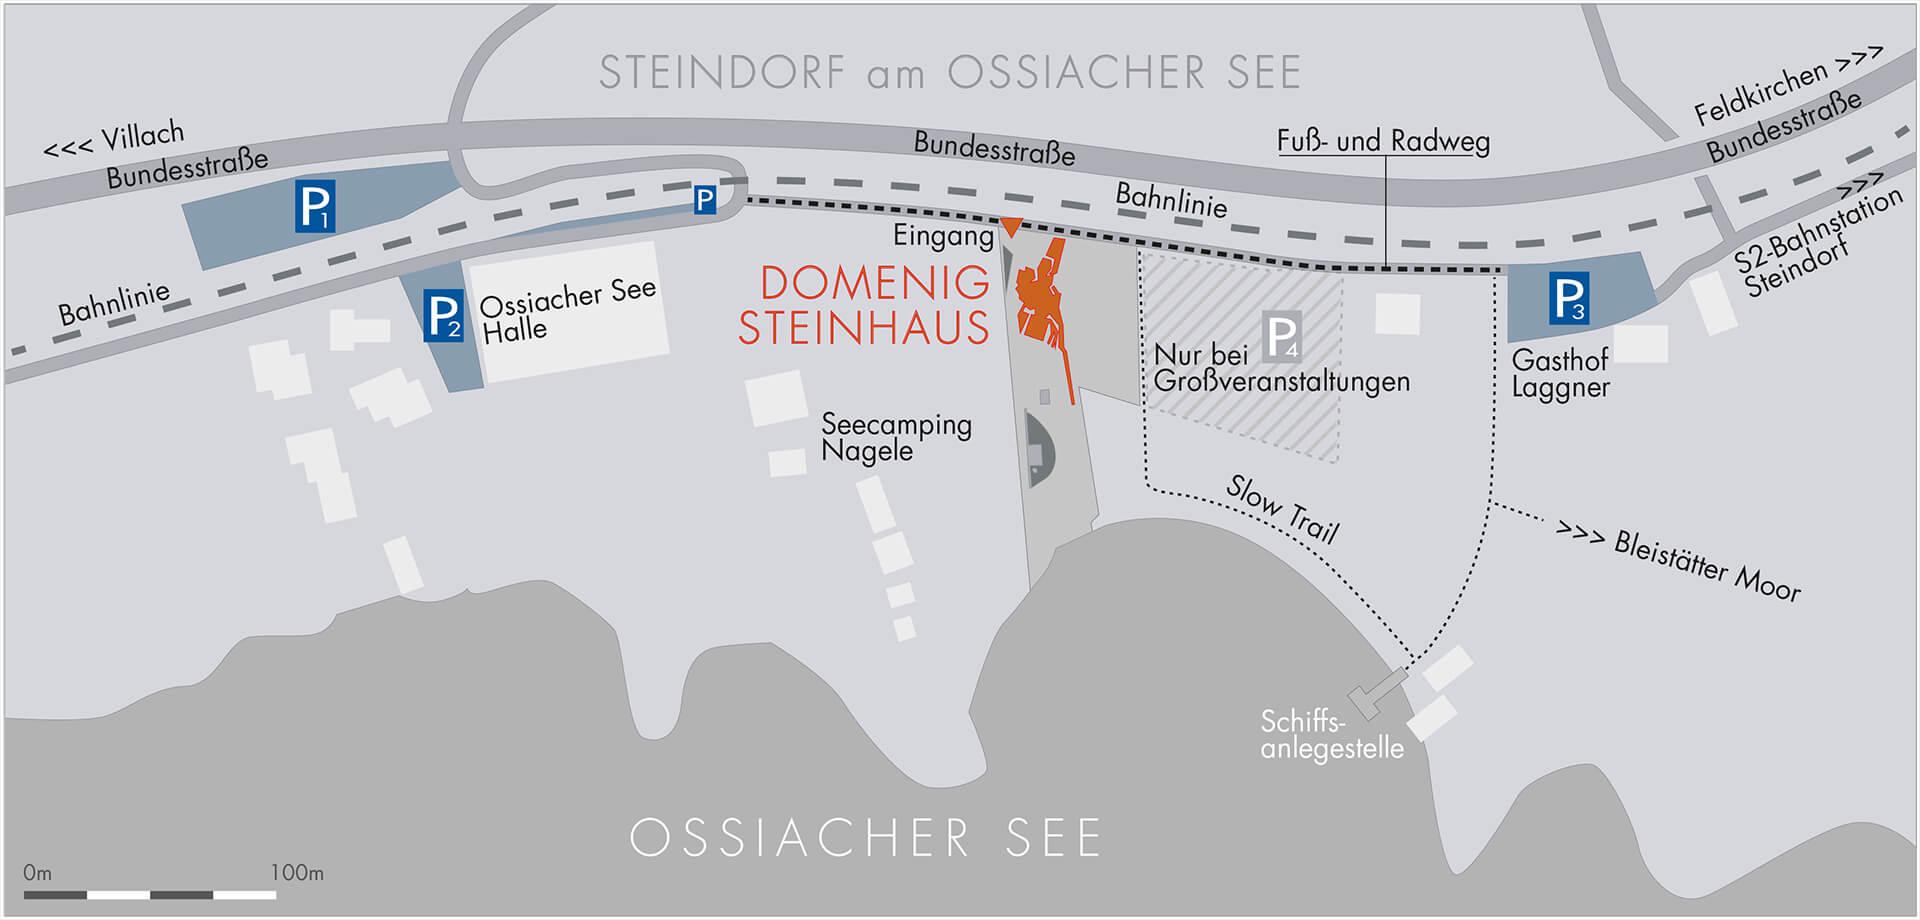 Parkplatzsituation-Domenig-Steinhaus-1920